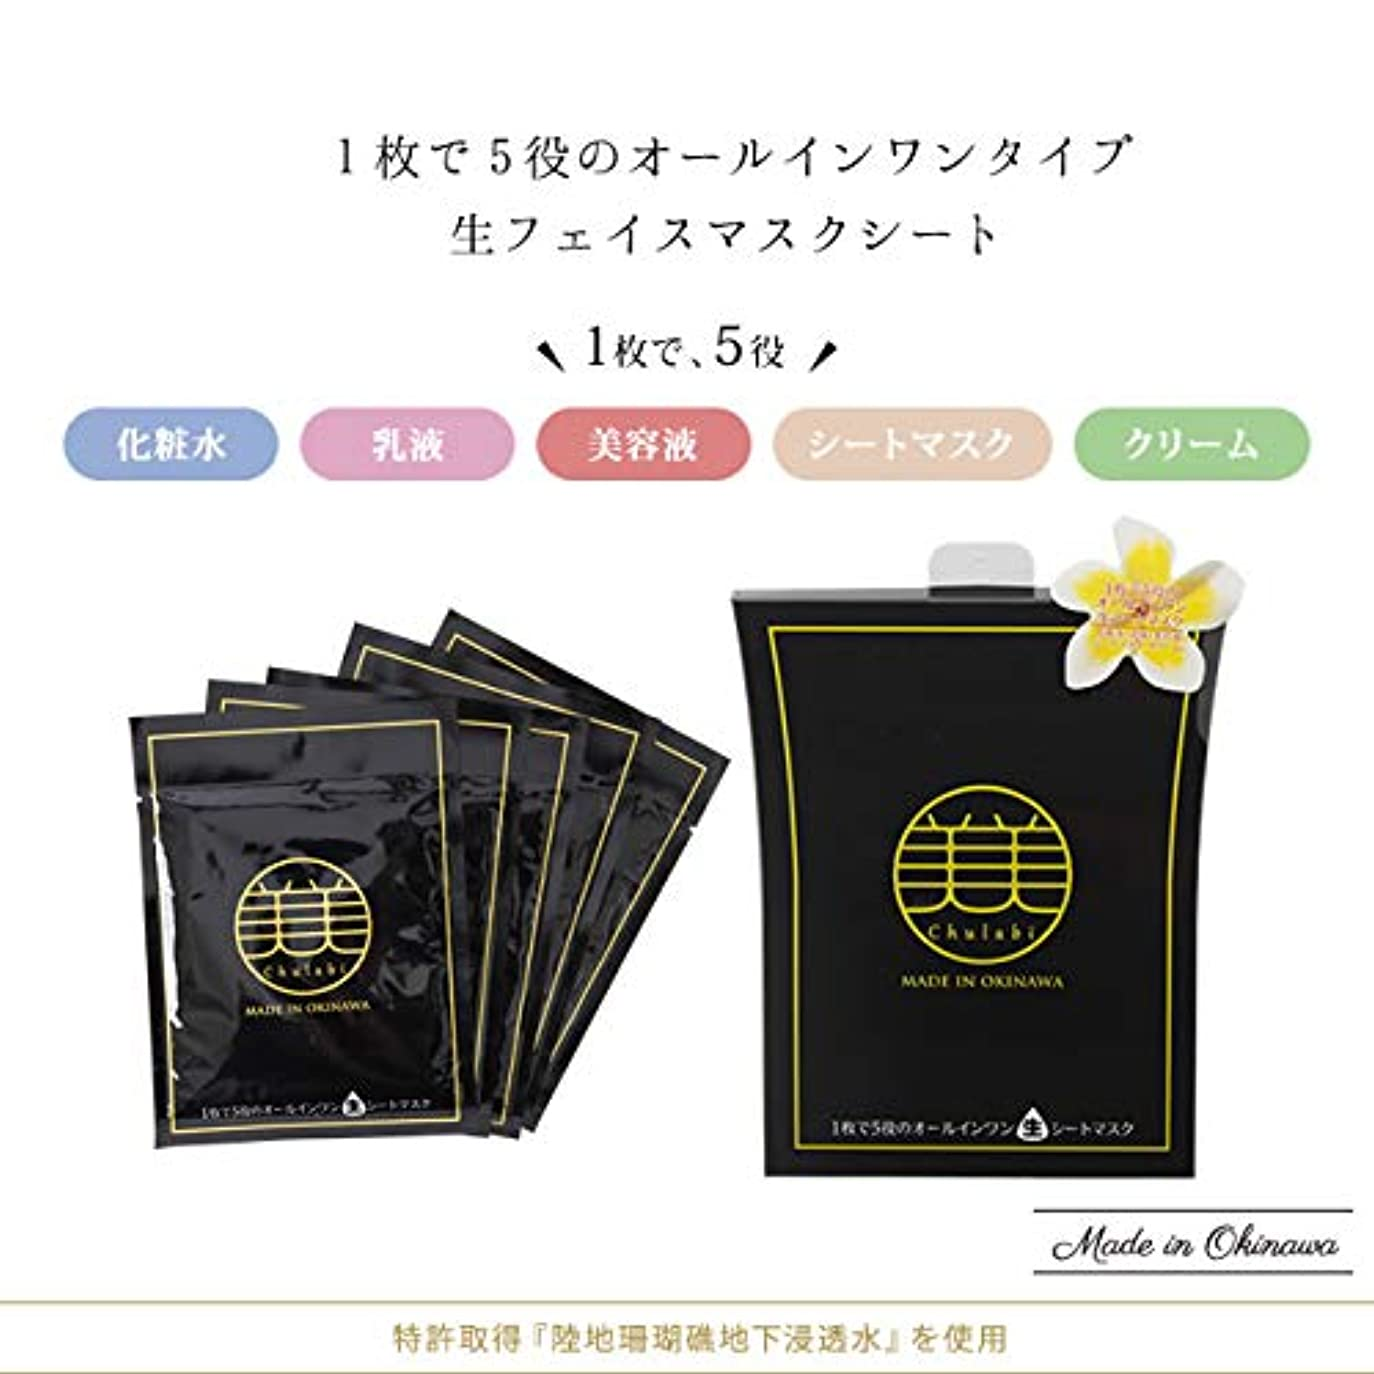 スティック奨励敵対的Chulabi(ちゅらび) 生フェイスマスクシート(1箱6枚入り)オールインワンパック